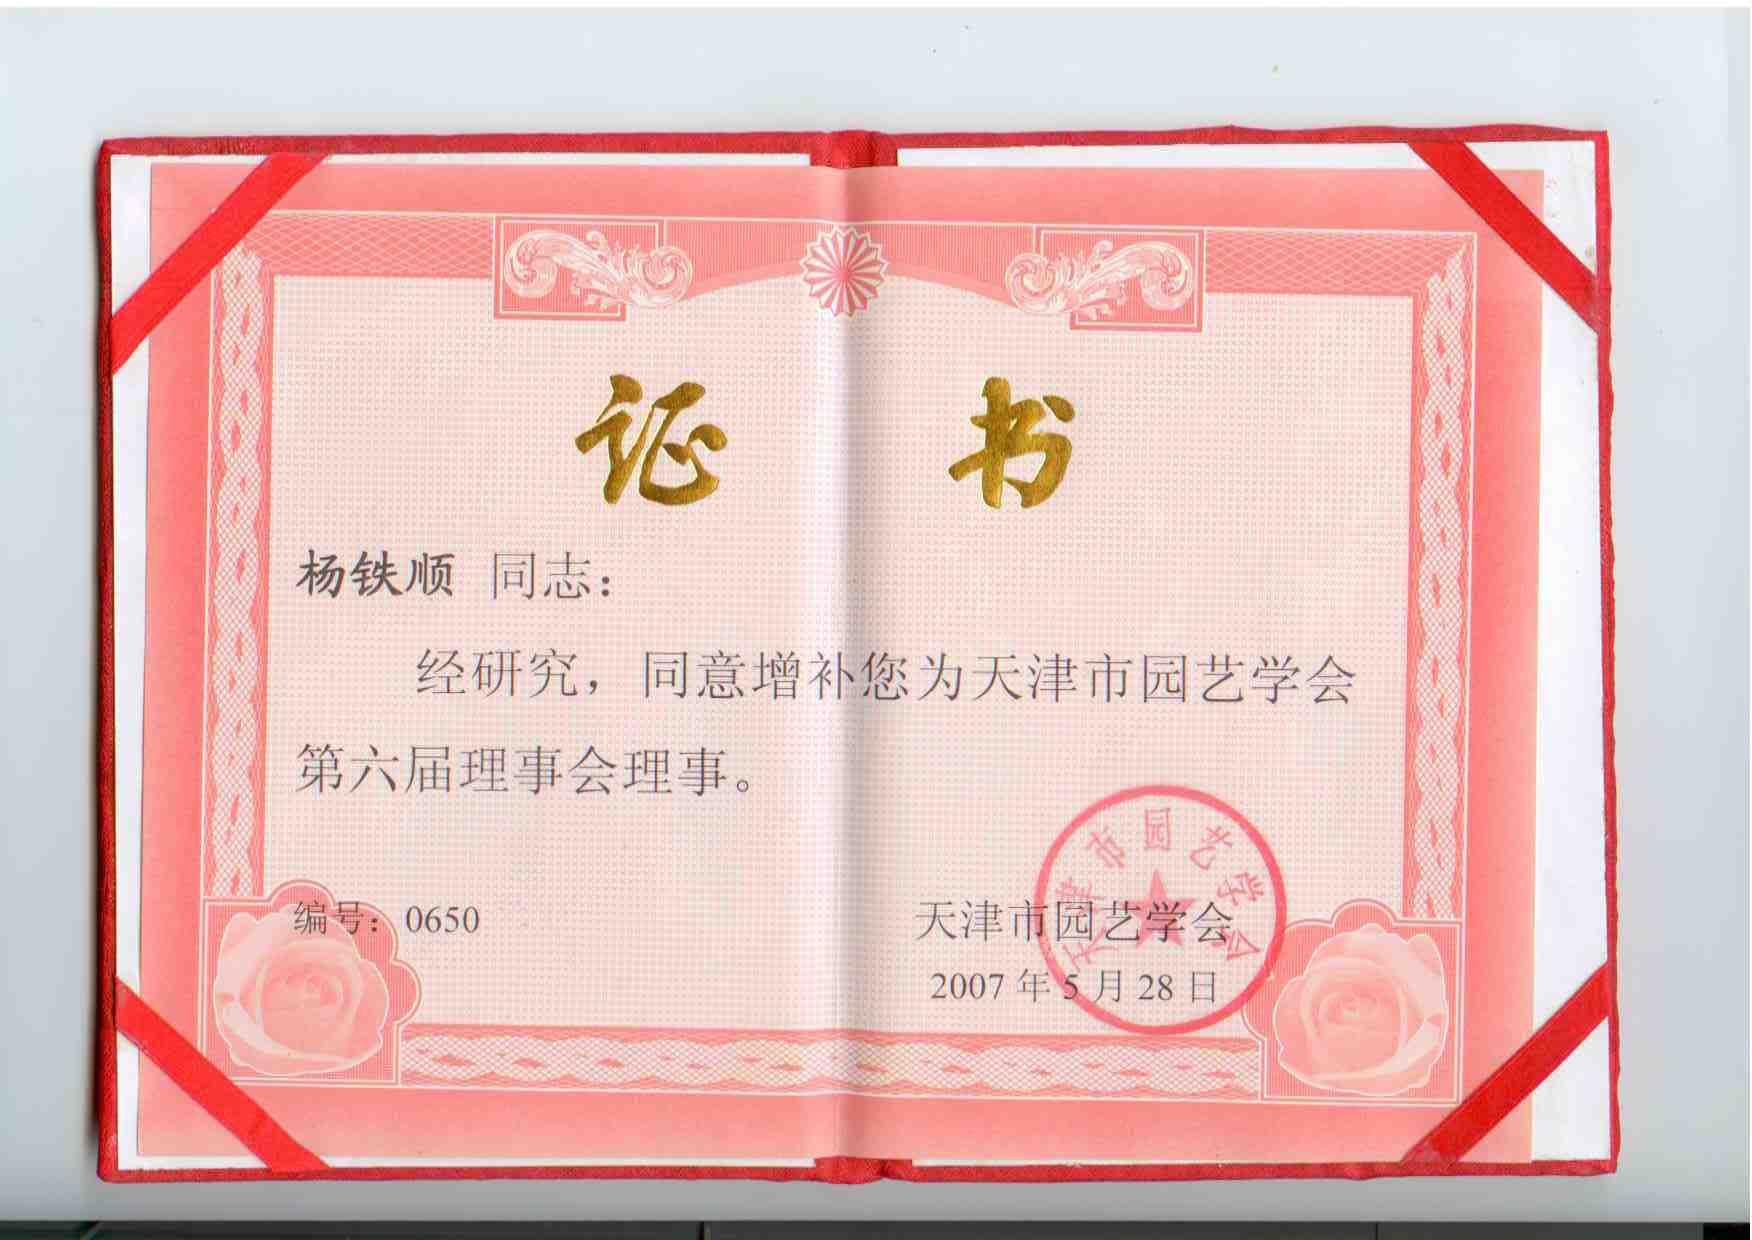 天津市园艺协会理事